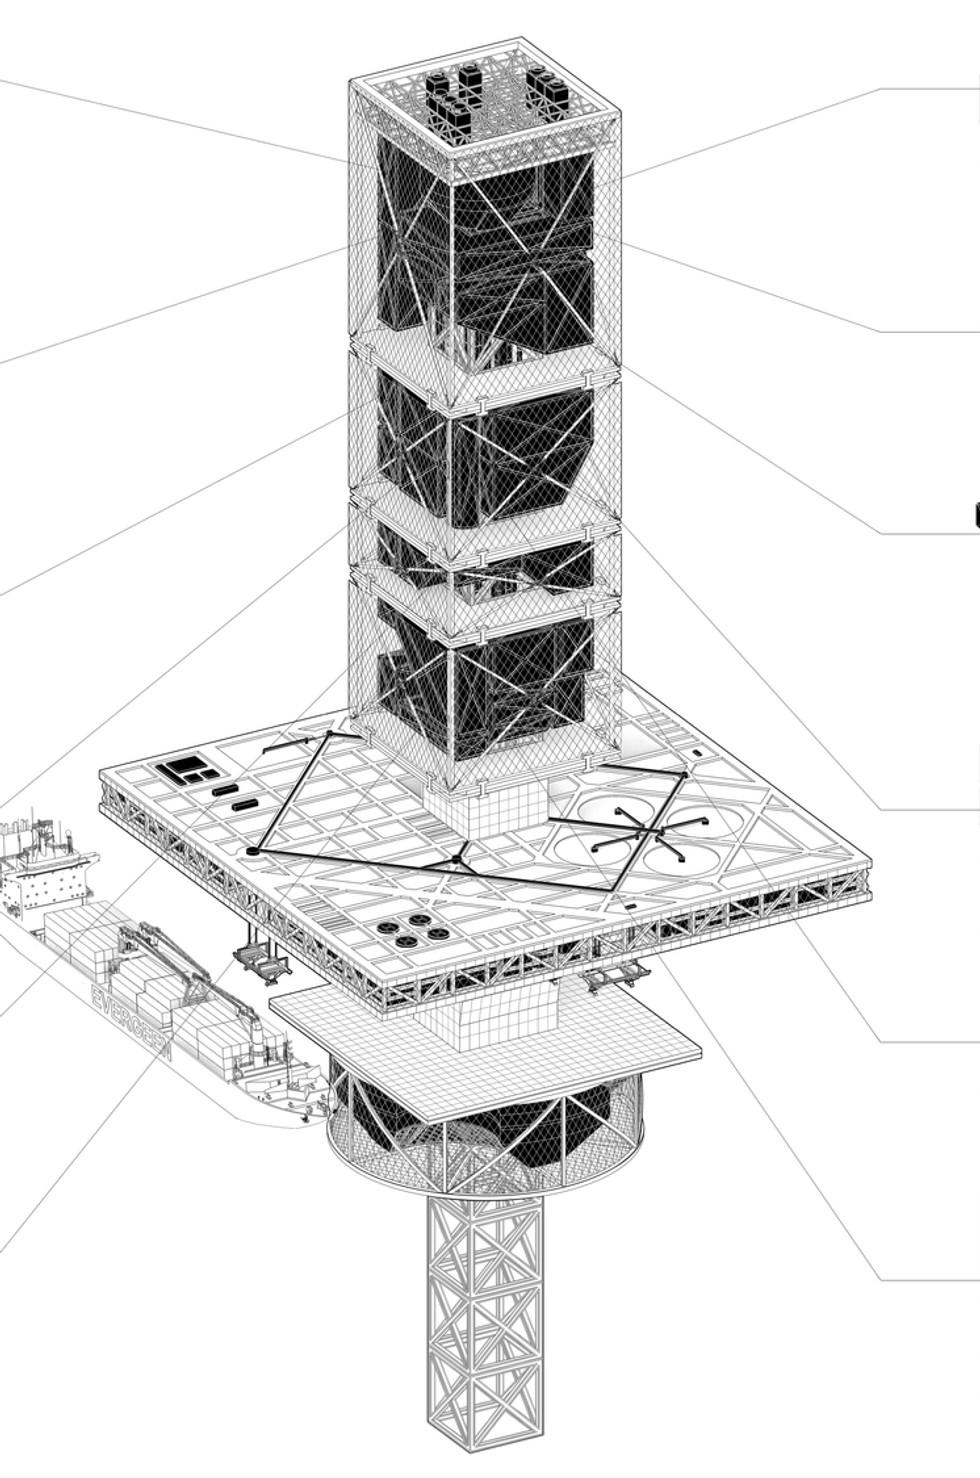 The_Filtration_Skyscraper_3w.jpg